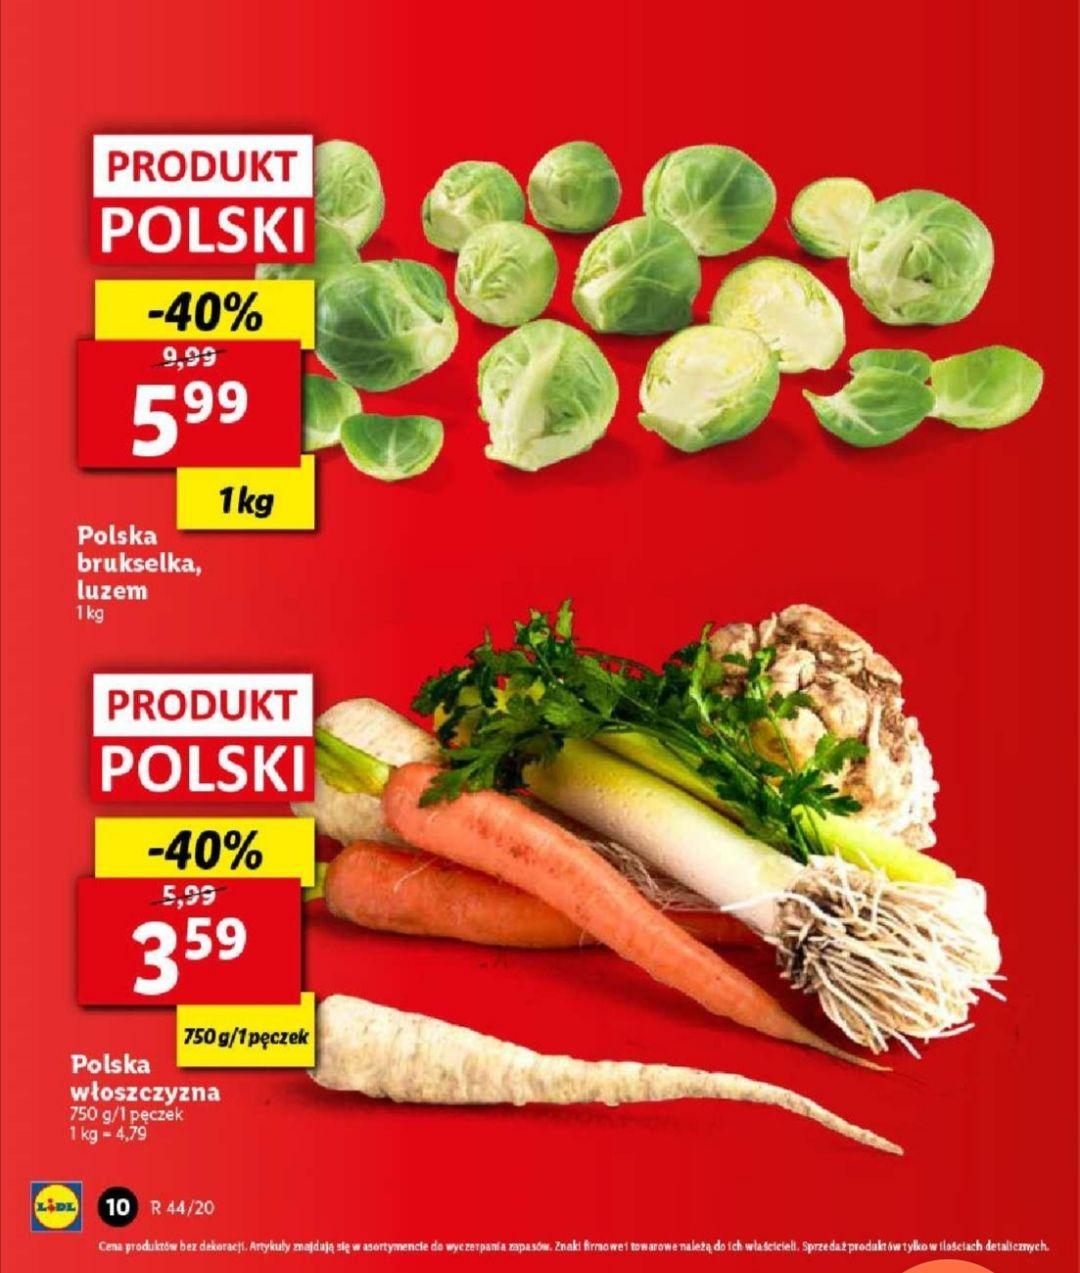 Włoszczyzna 3.59zł warzywa polskie Lidl